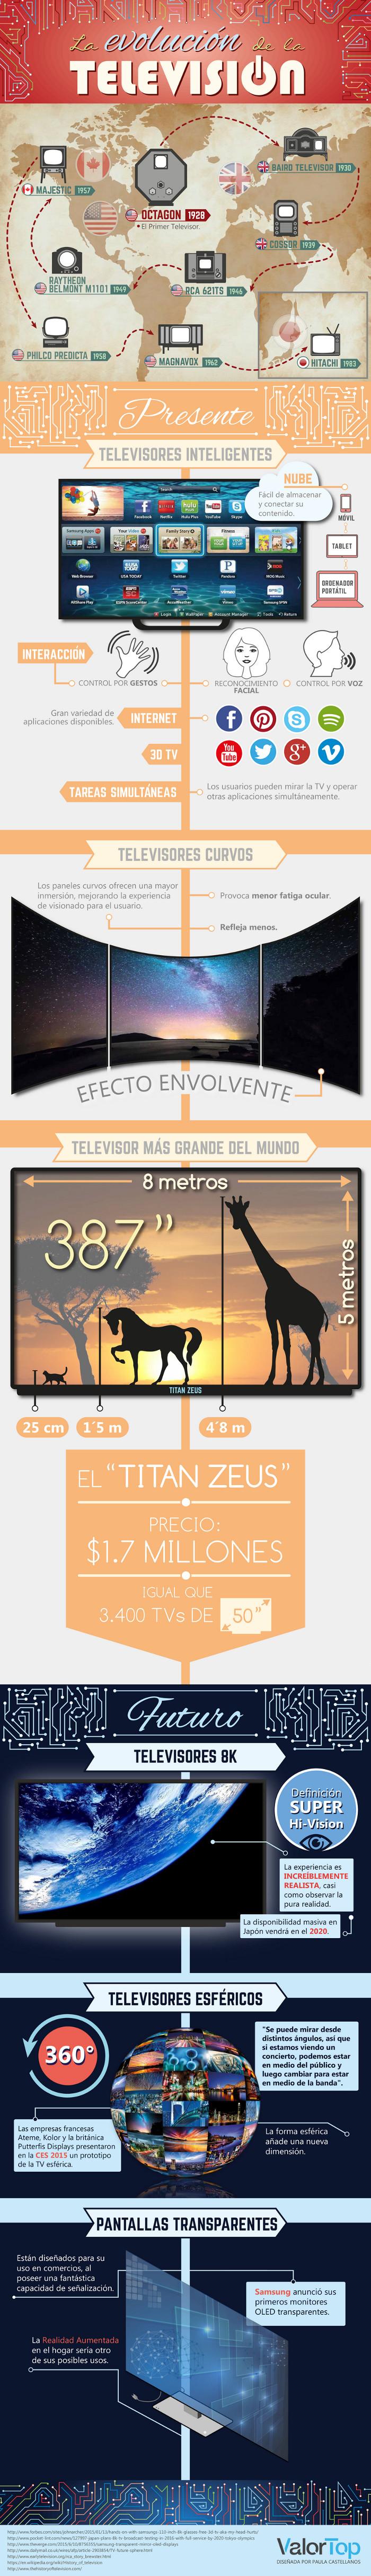 Evolución-de-Televisión